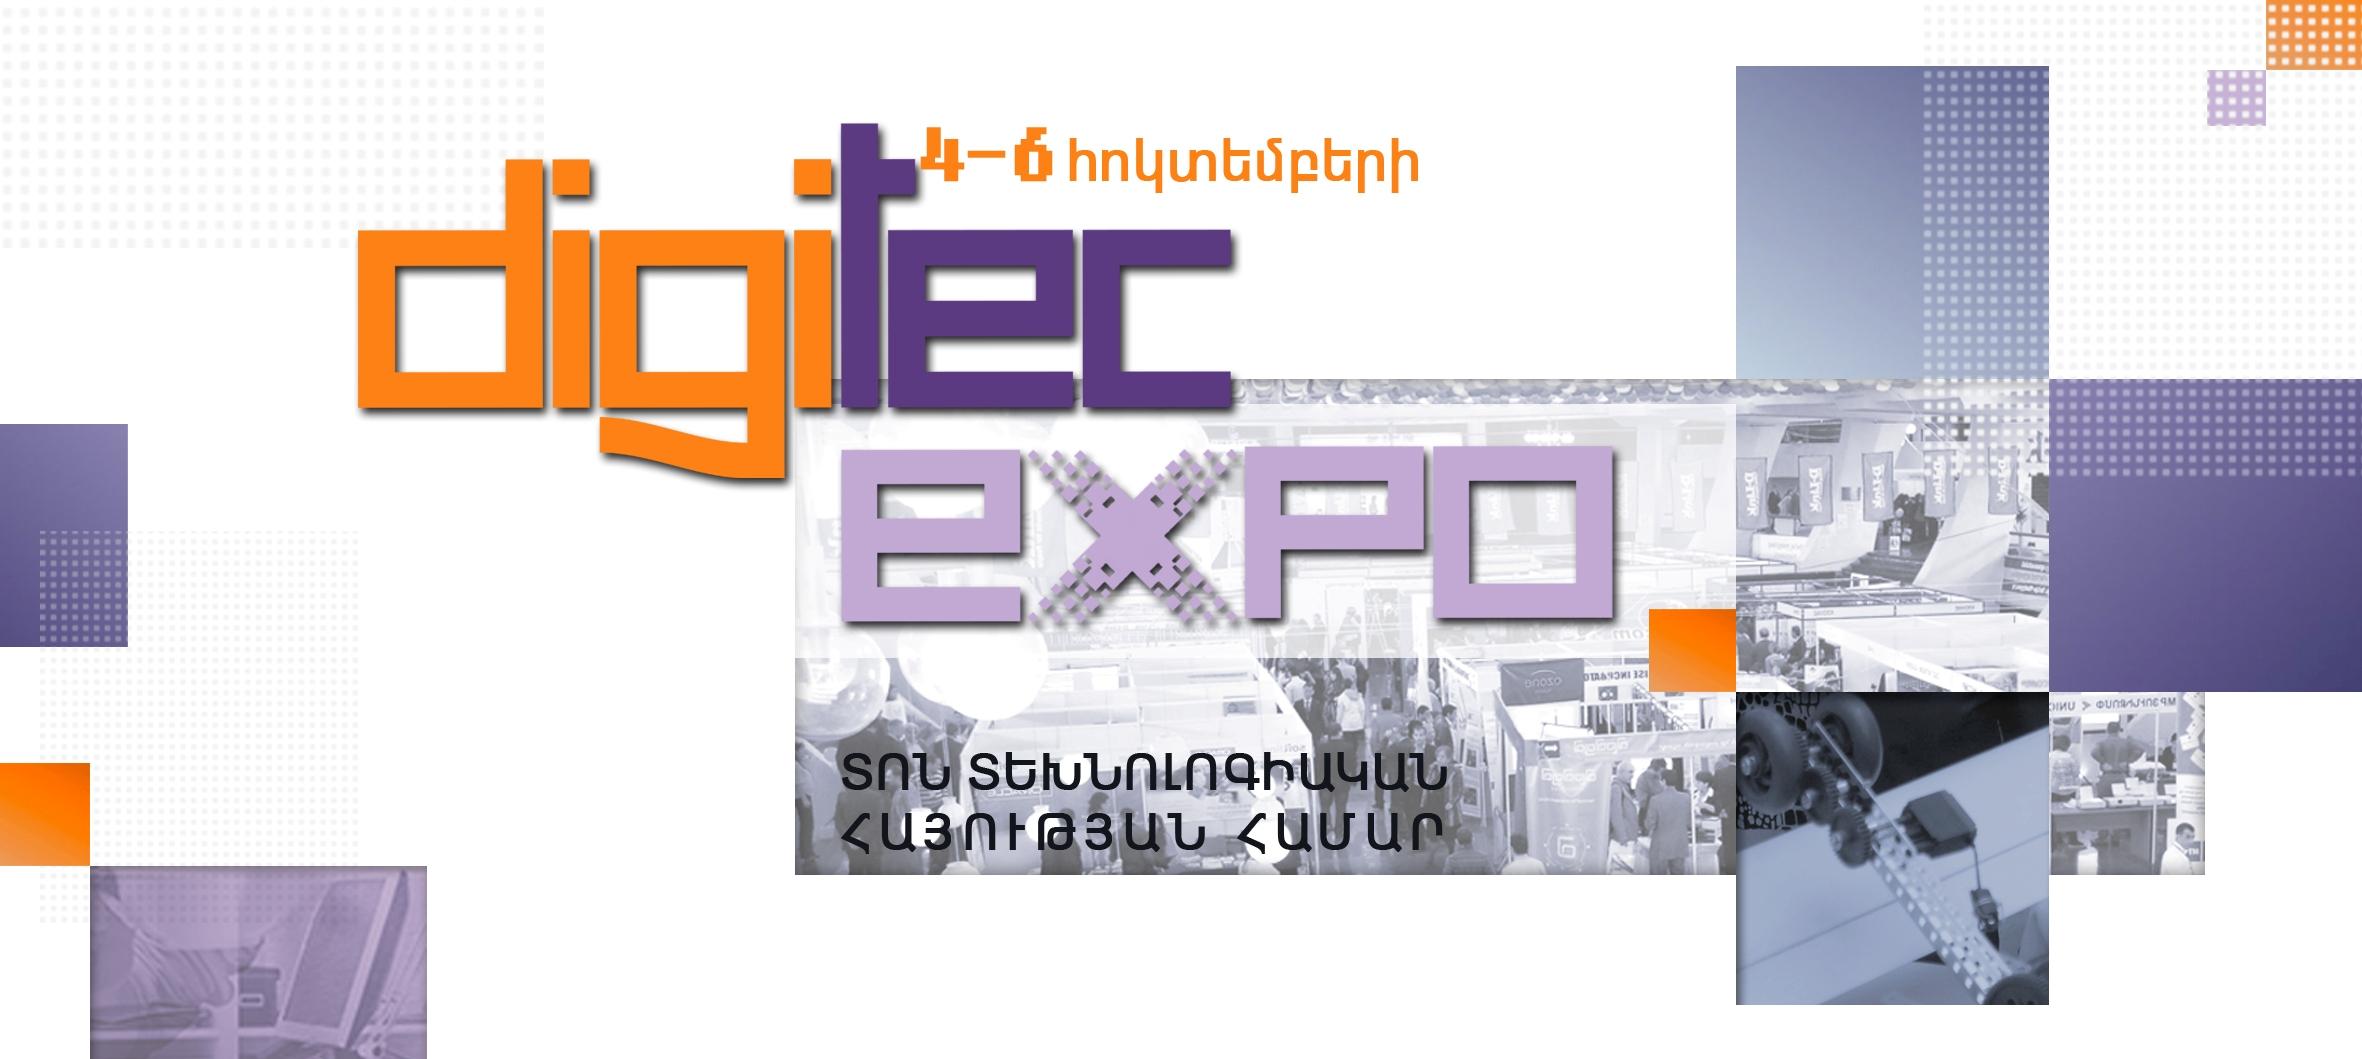 Մեկնարկում է DigiTec Expo 2013-ը